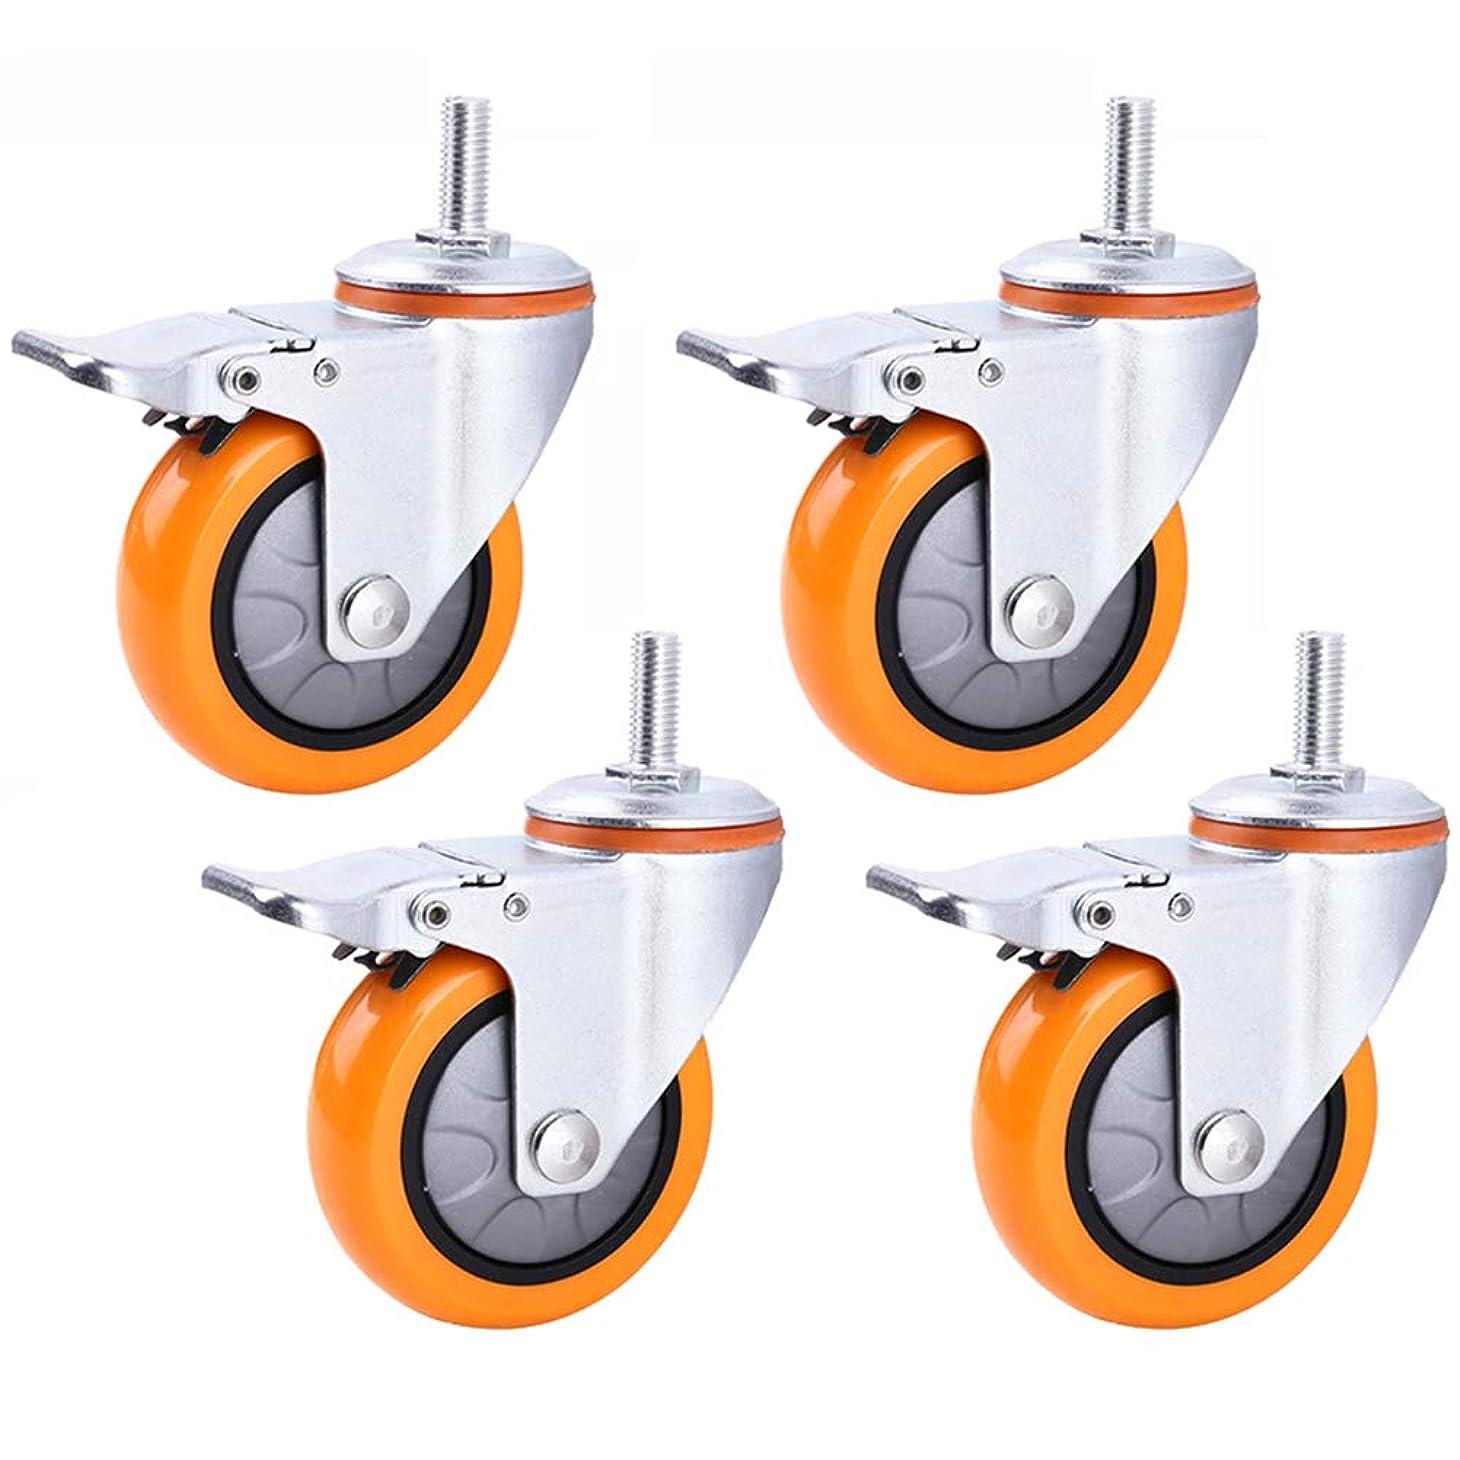 便益今傾向ナイロンホイールとゴム足を備えた4個のキャスター、ワークベンチキャスター用に設計された3インチスイベルキャスターホイール、ヘビーデューティ500 LBS容量(ロック可能、オレンジ)